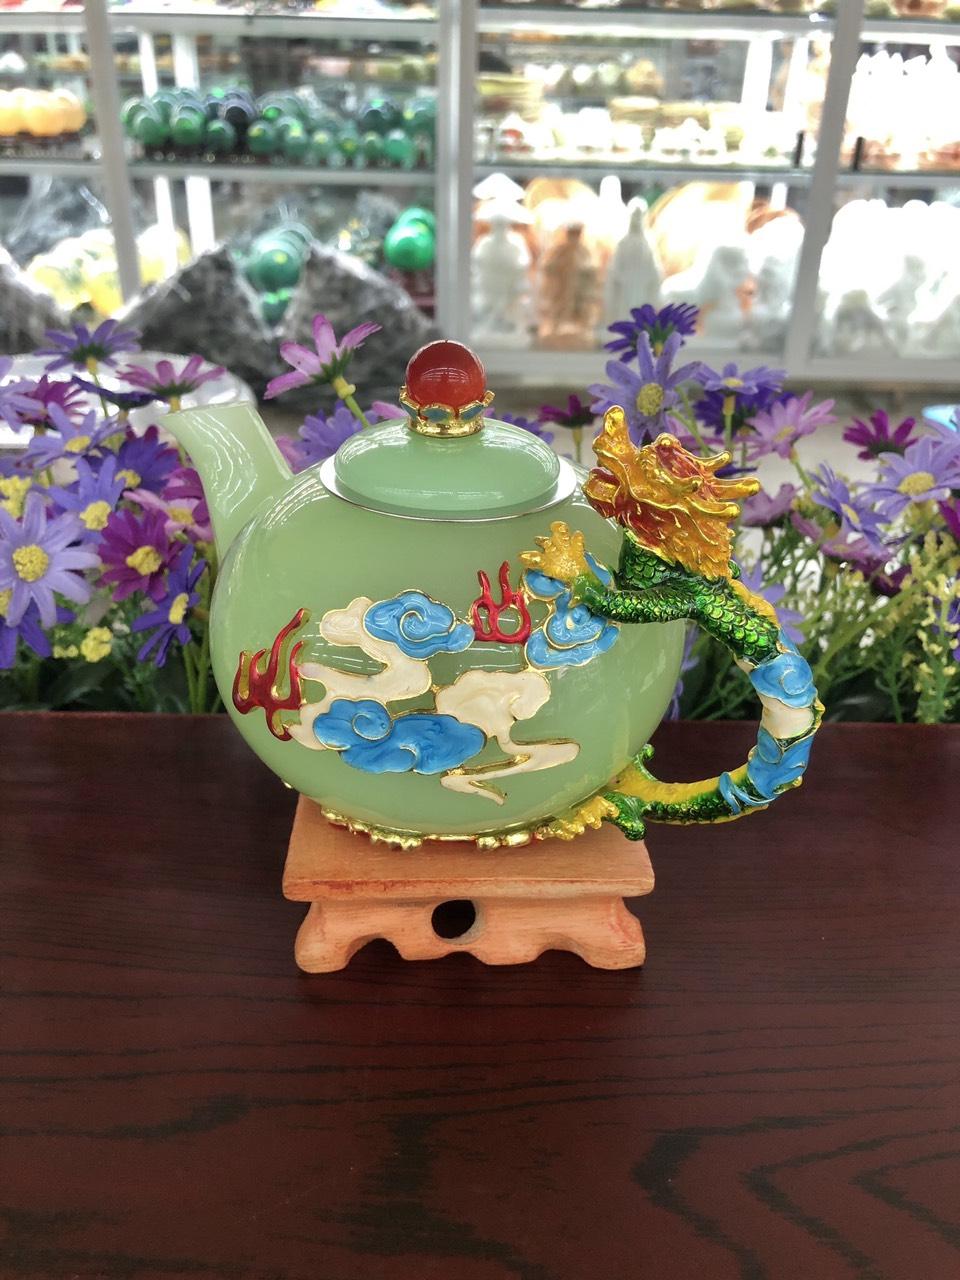 Bộ ấm trà chạm rồng với ly chạm chữ đá ngọc cẩm thạch xanh